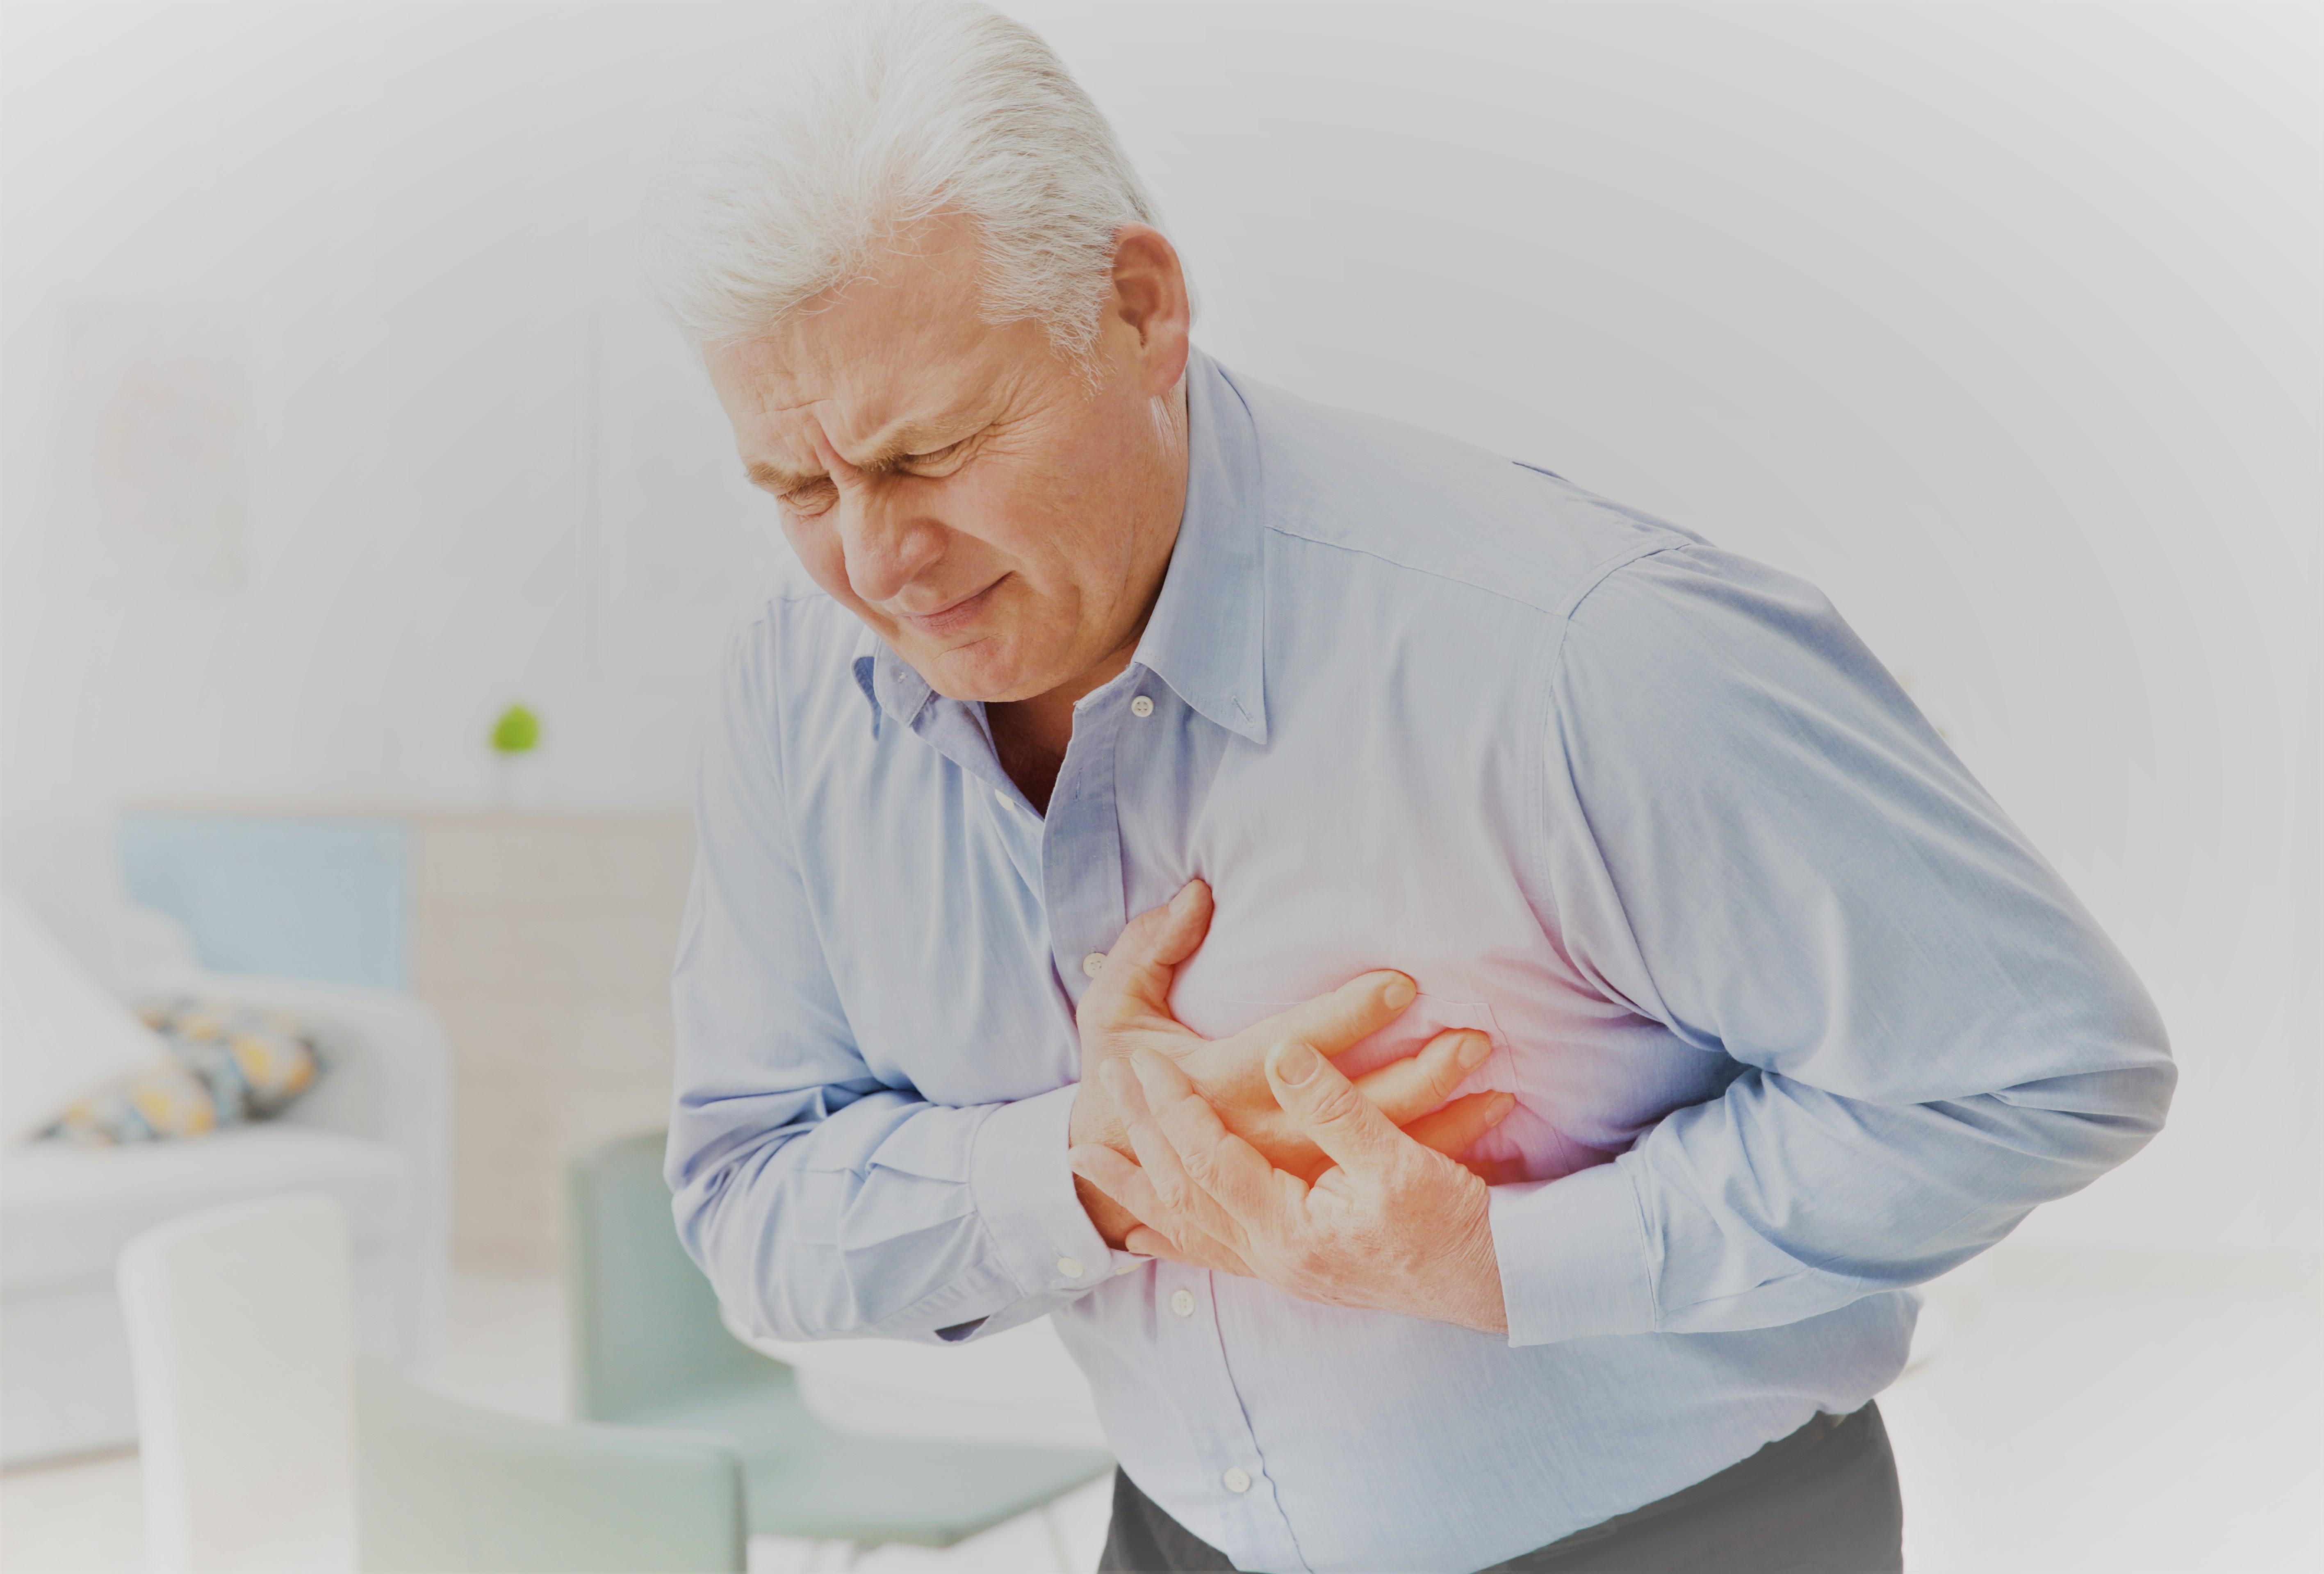 miért fáj a szív a magas vérnyomás miatt)